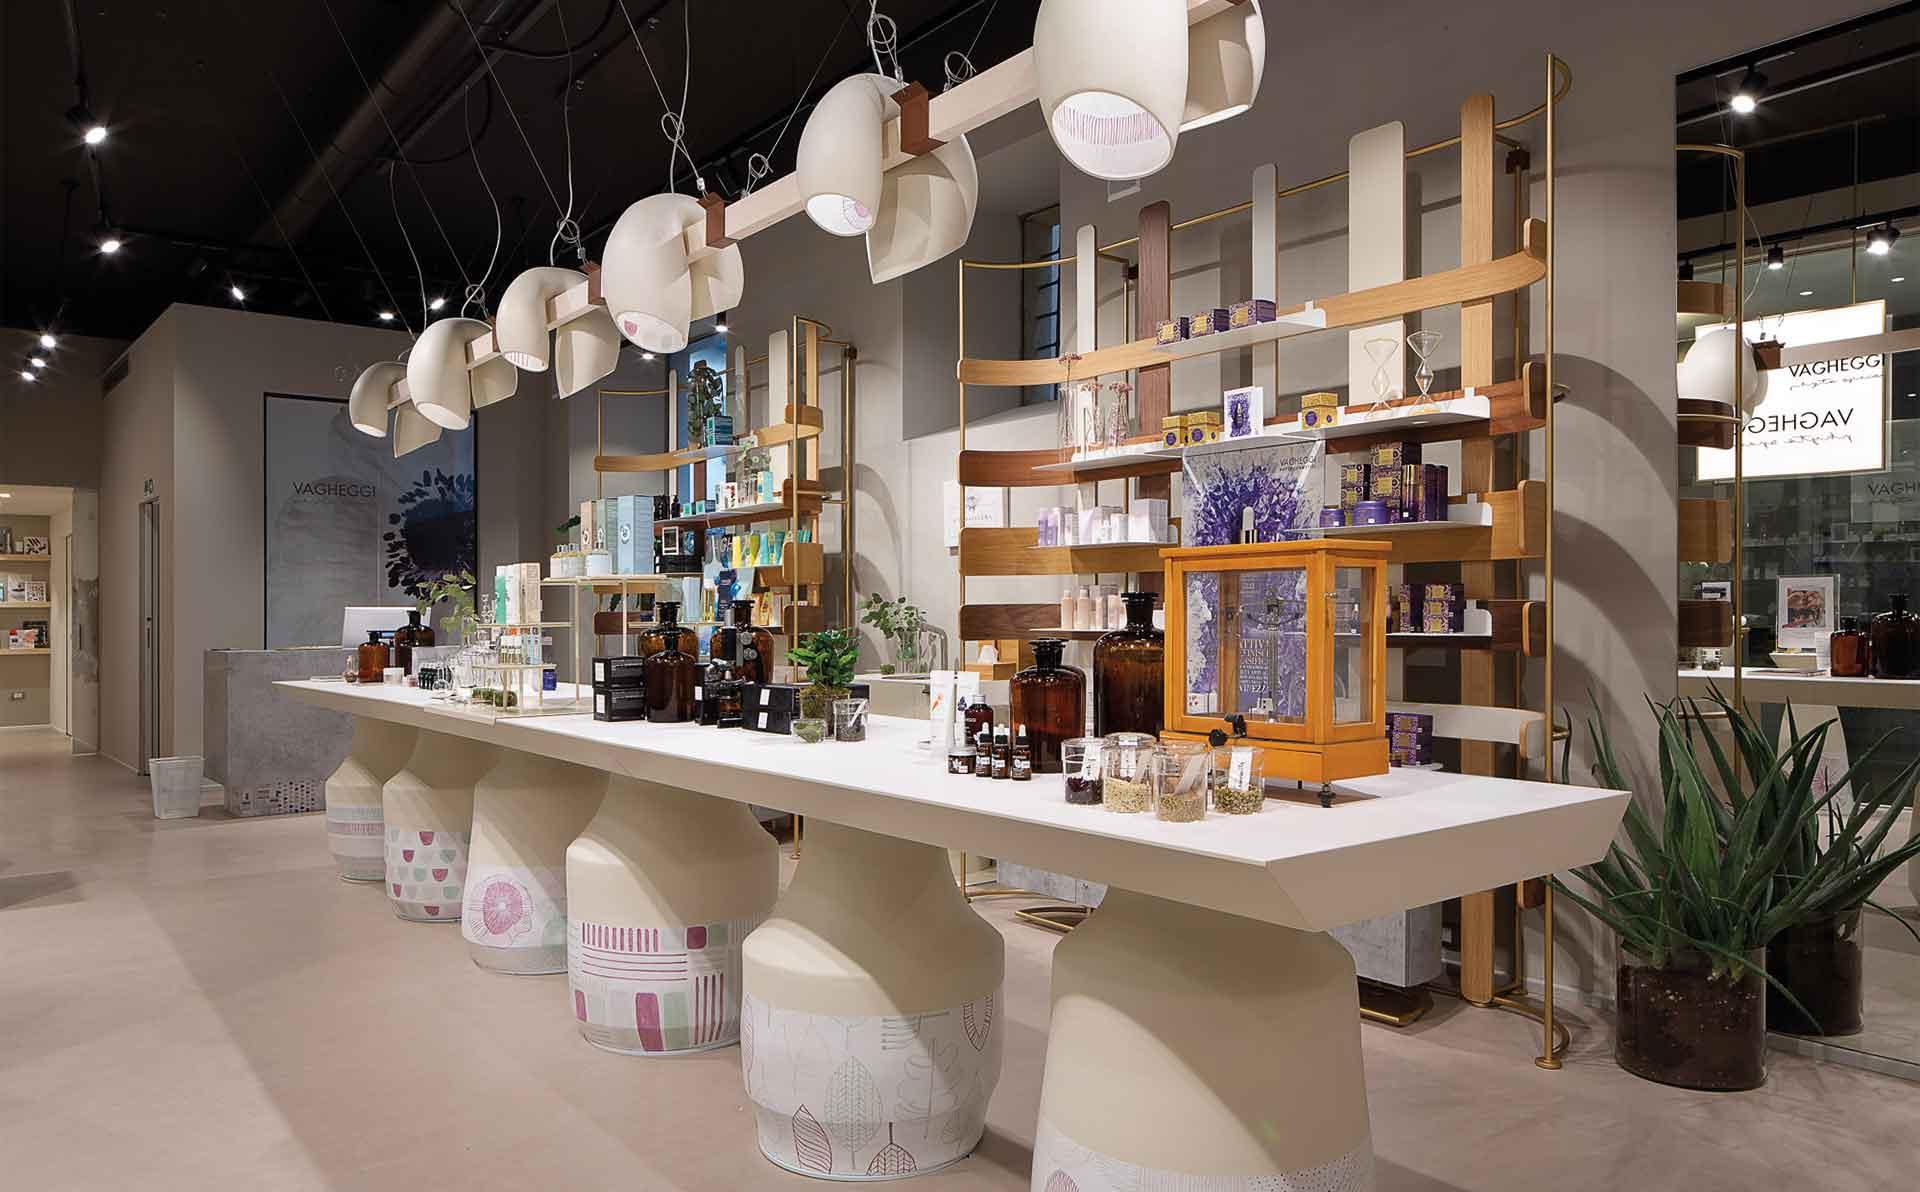 Preview del negozio Vagheggi Phyto Space di Verona